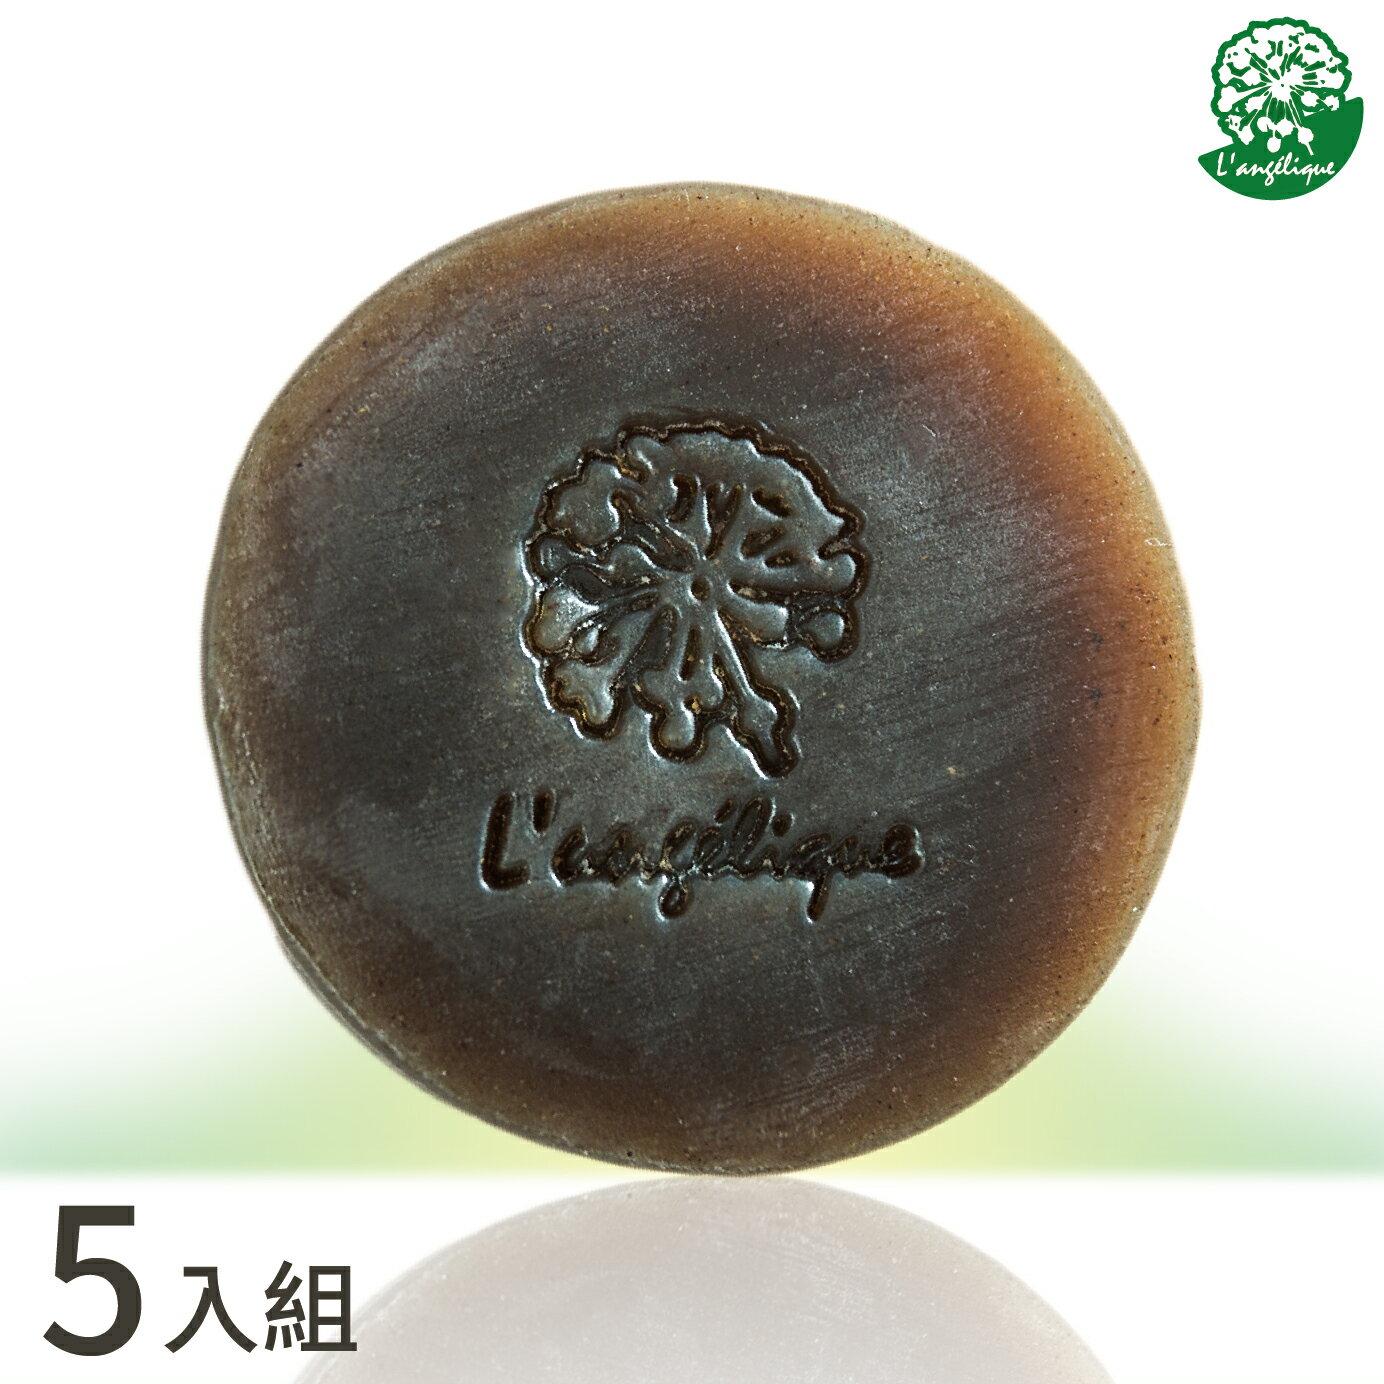 芷.本草無垢皂(5入)/100g*5 0